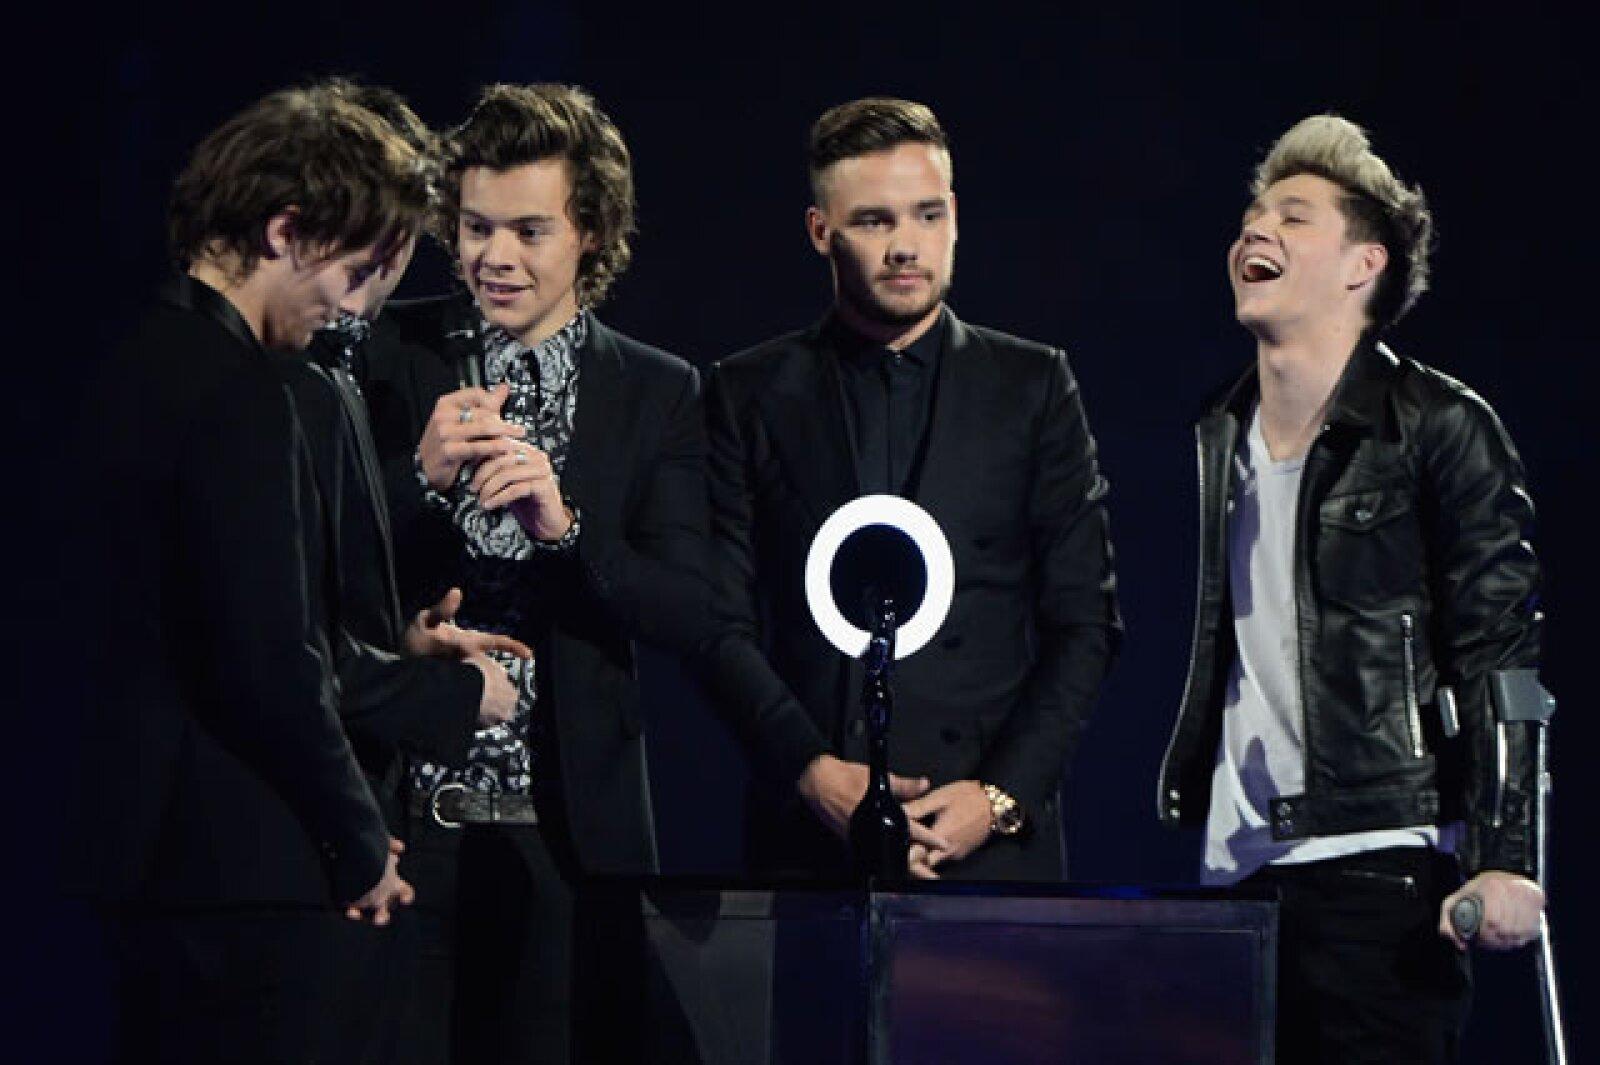 Los One Direction recibieron sus premios, por Mejor Video y por su éxito global.